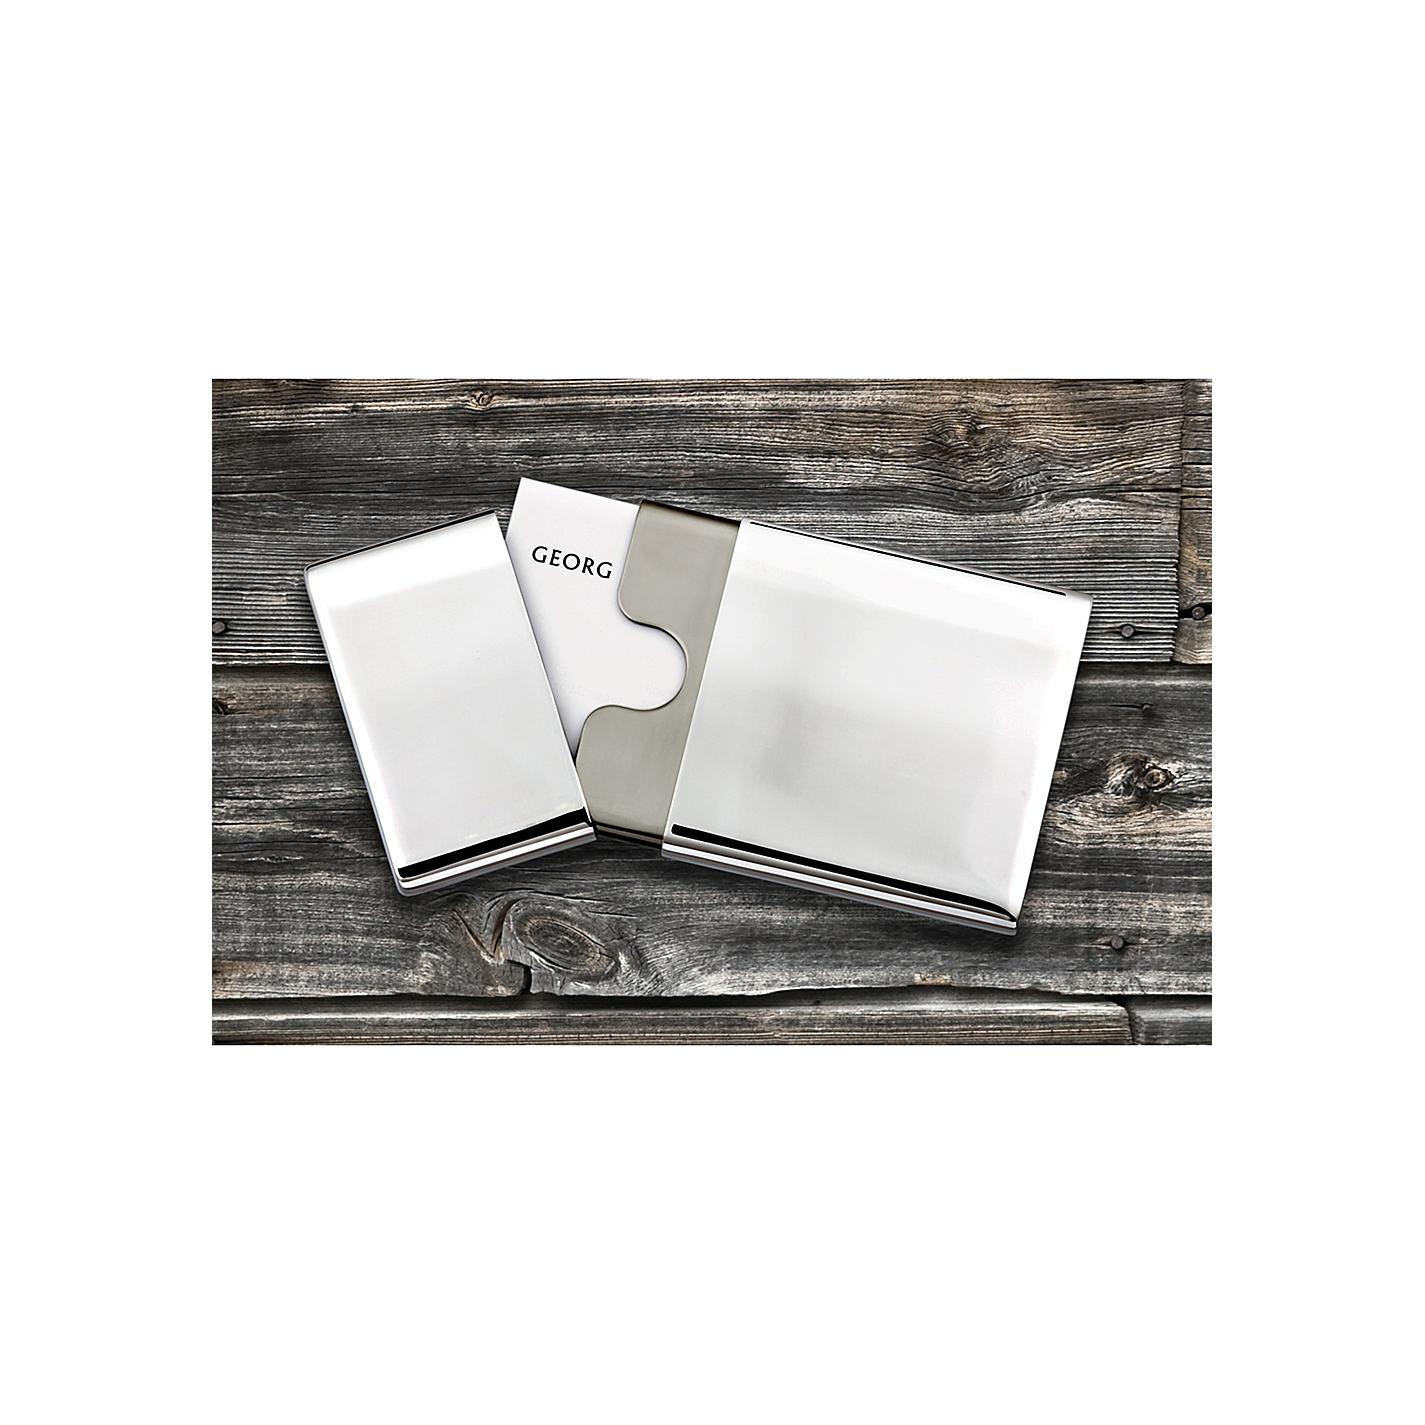 Buy Georg Jensen To Go Business Card Holder | John Lewis